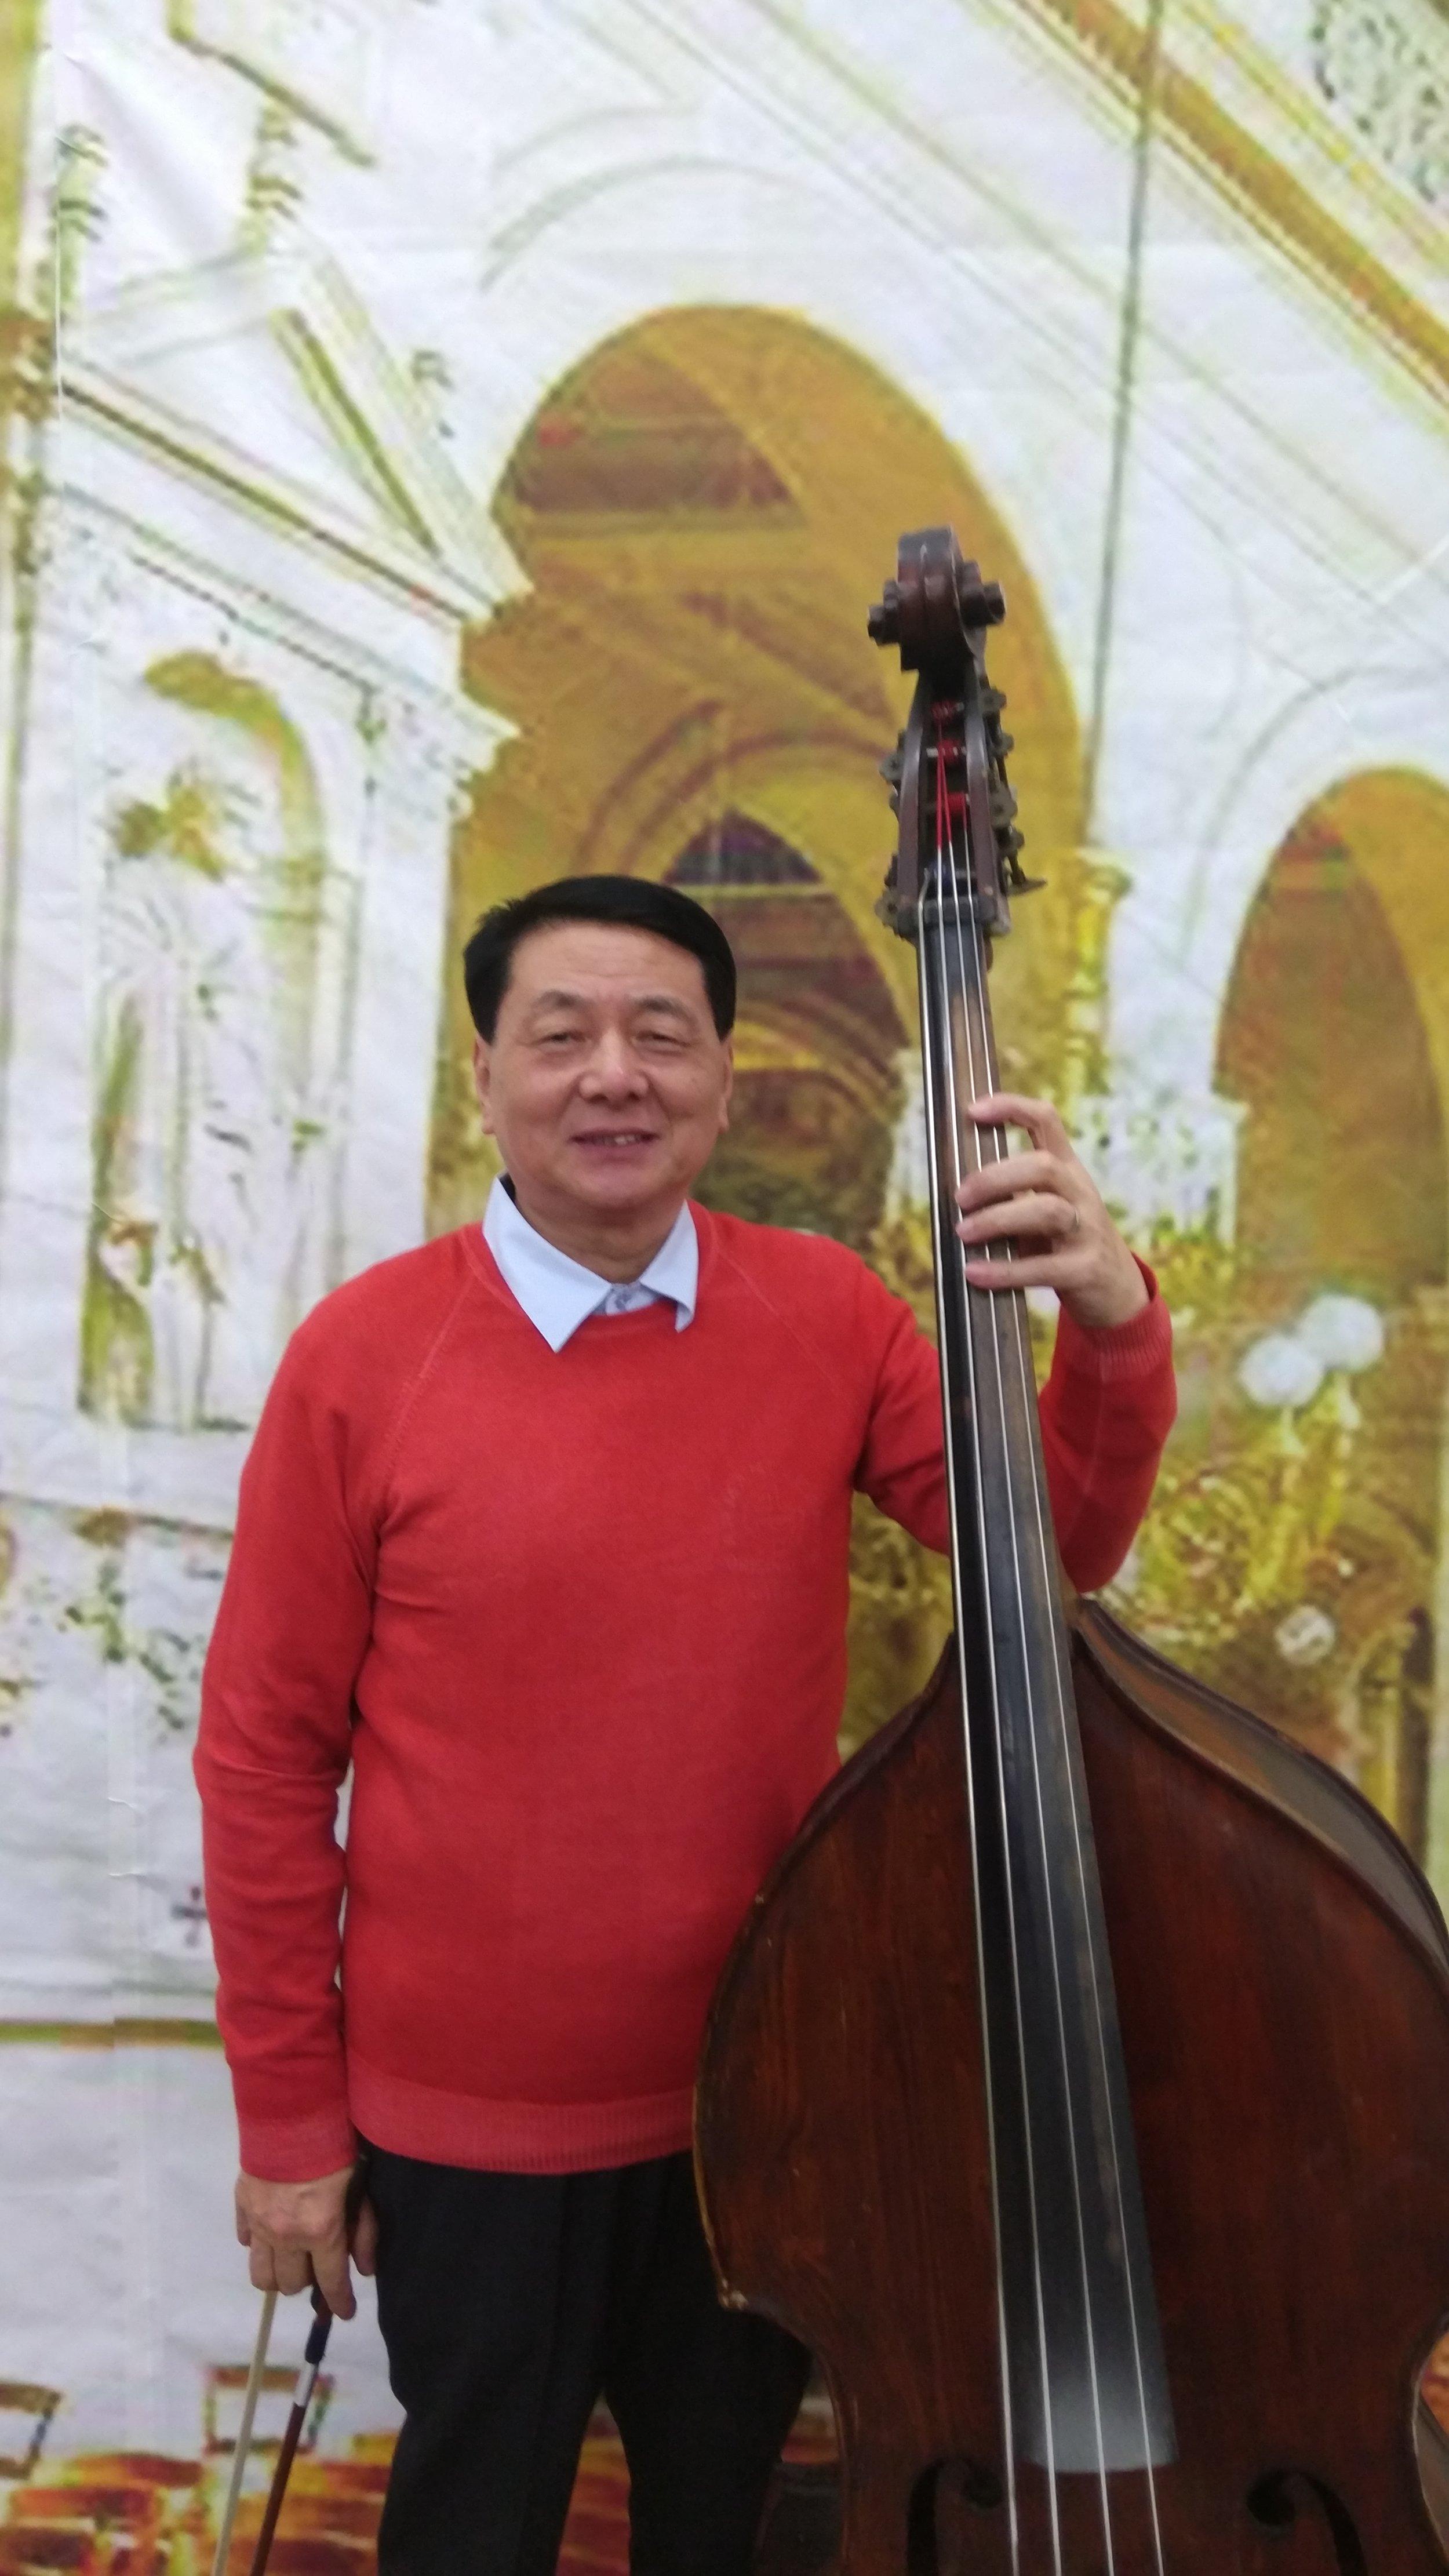 """余富阳  低音提琴演奏家。1964年进入上海市戏曲学校(上海戏剧学院戏曲学院)。1970年进入上海市戏曲学校""""沙家浜""""剧组。1977年进入上海越剧院工作。2002年评为副教授。1991年进入上海越剧院红楼剧团至今。曾出访香港、澳门、台湾、新加坡、泰国等国家和地区演出。"""